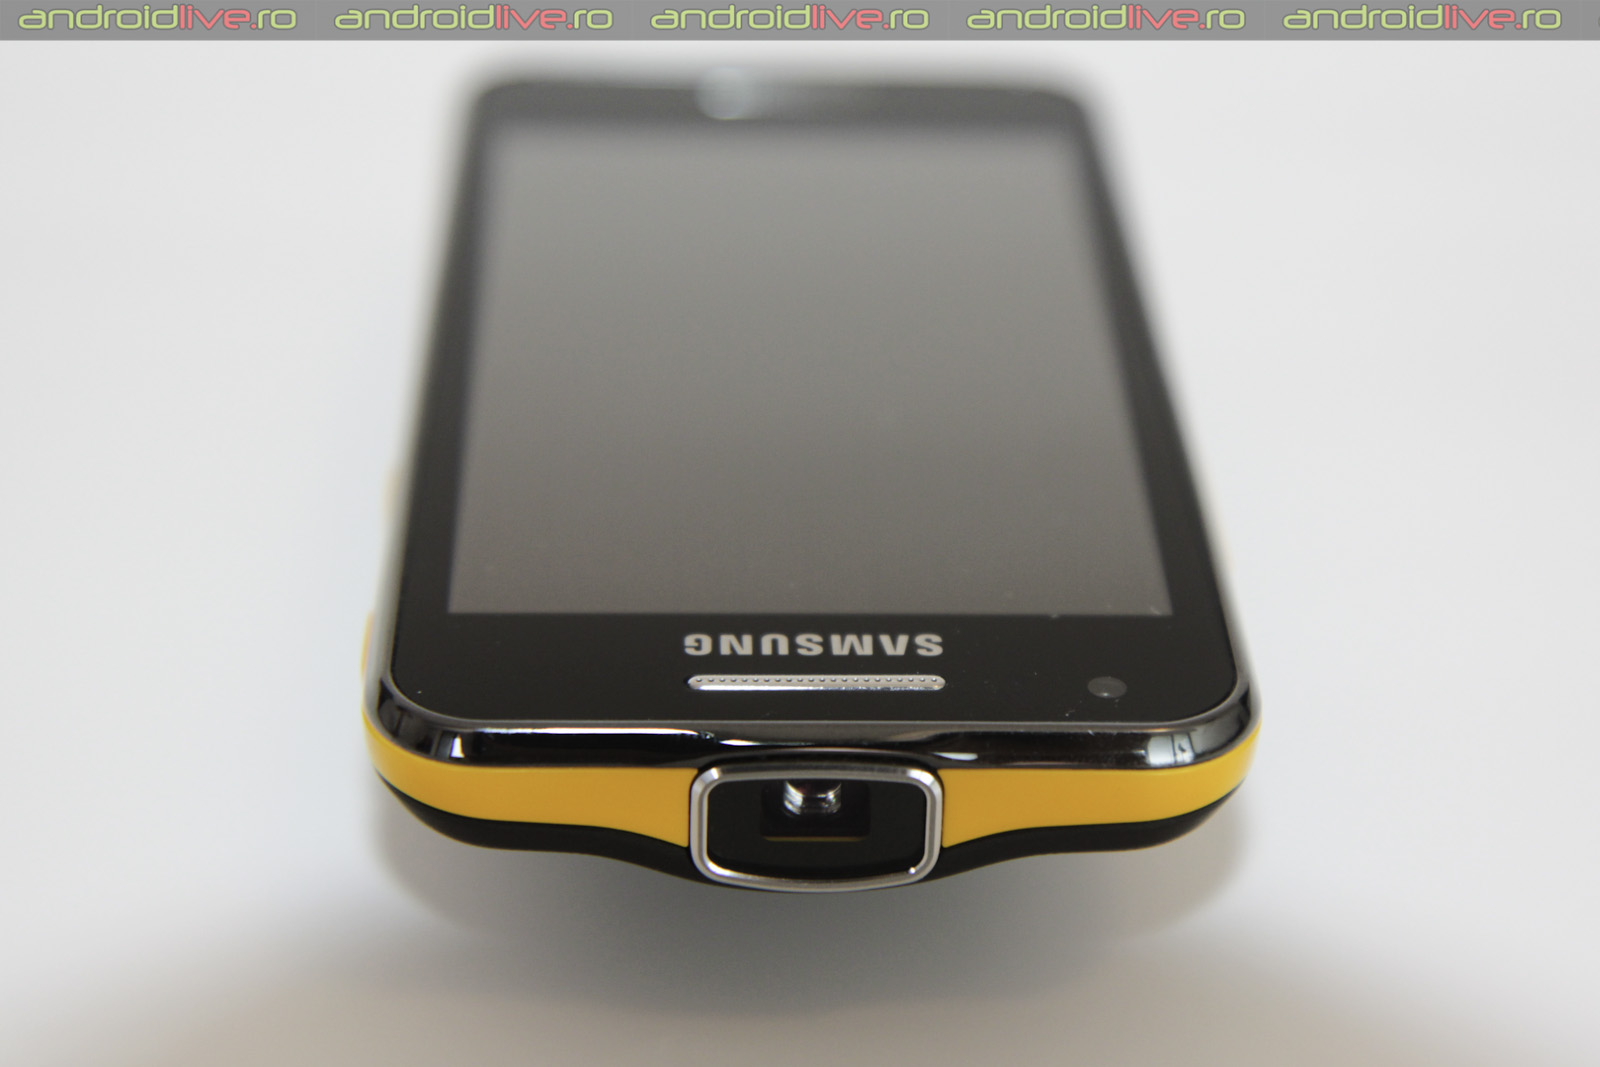 Samsung Galaxy I8530 Galaxy Beam